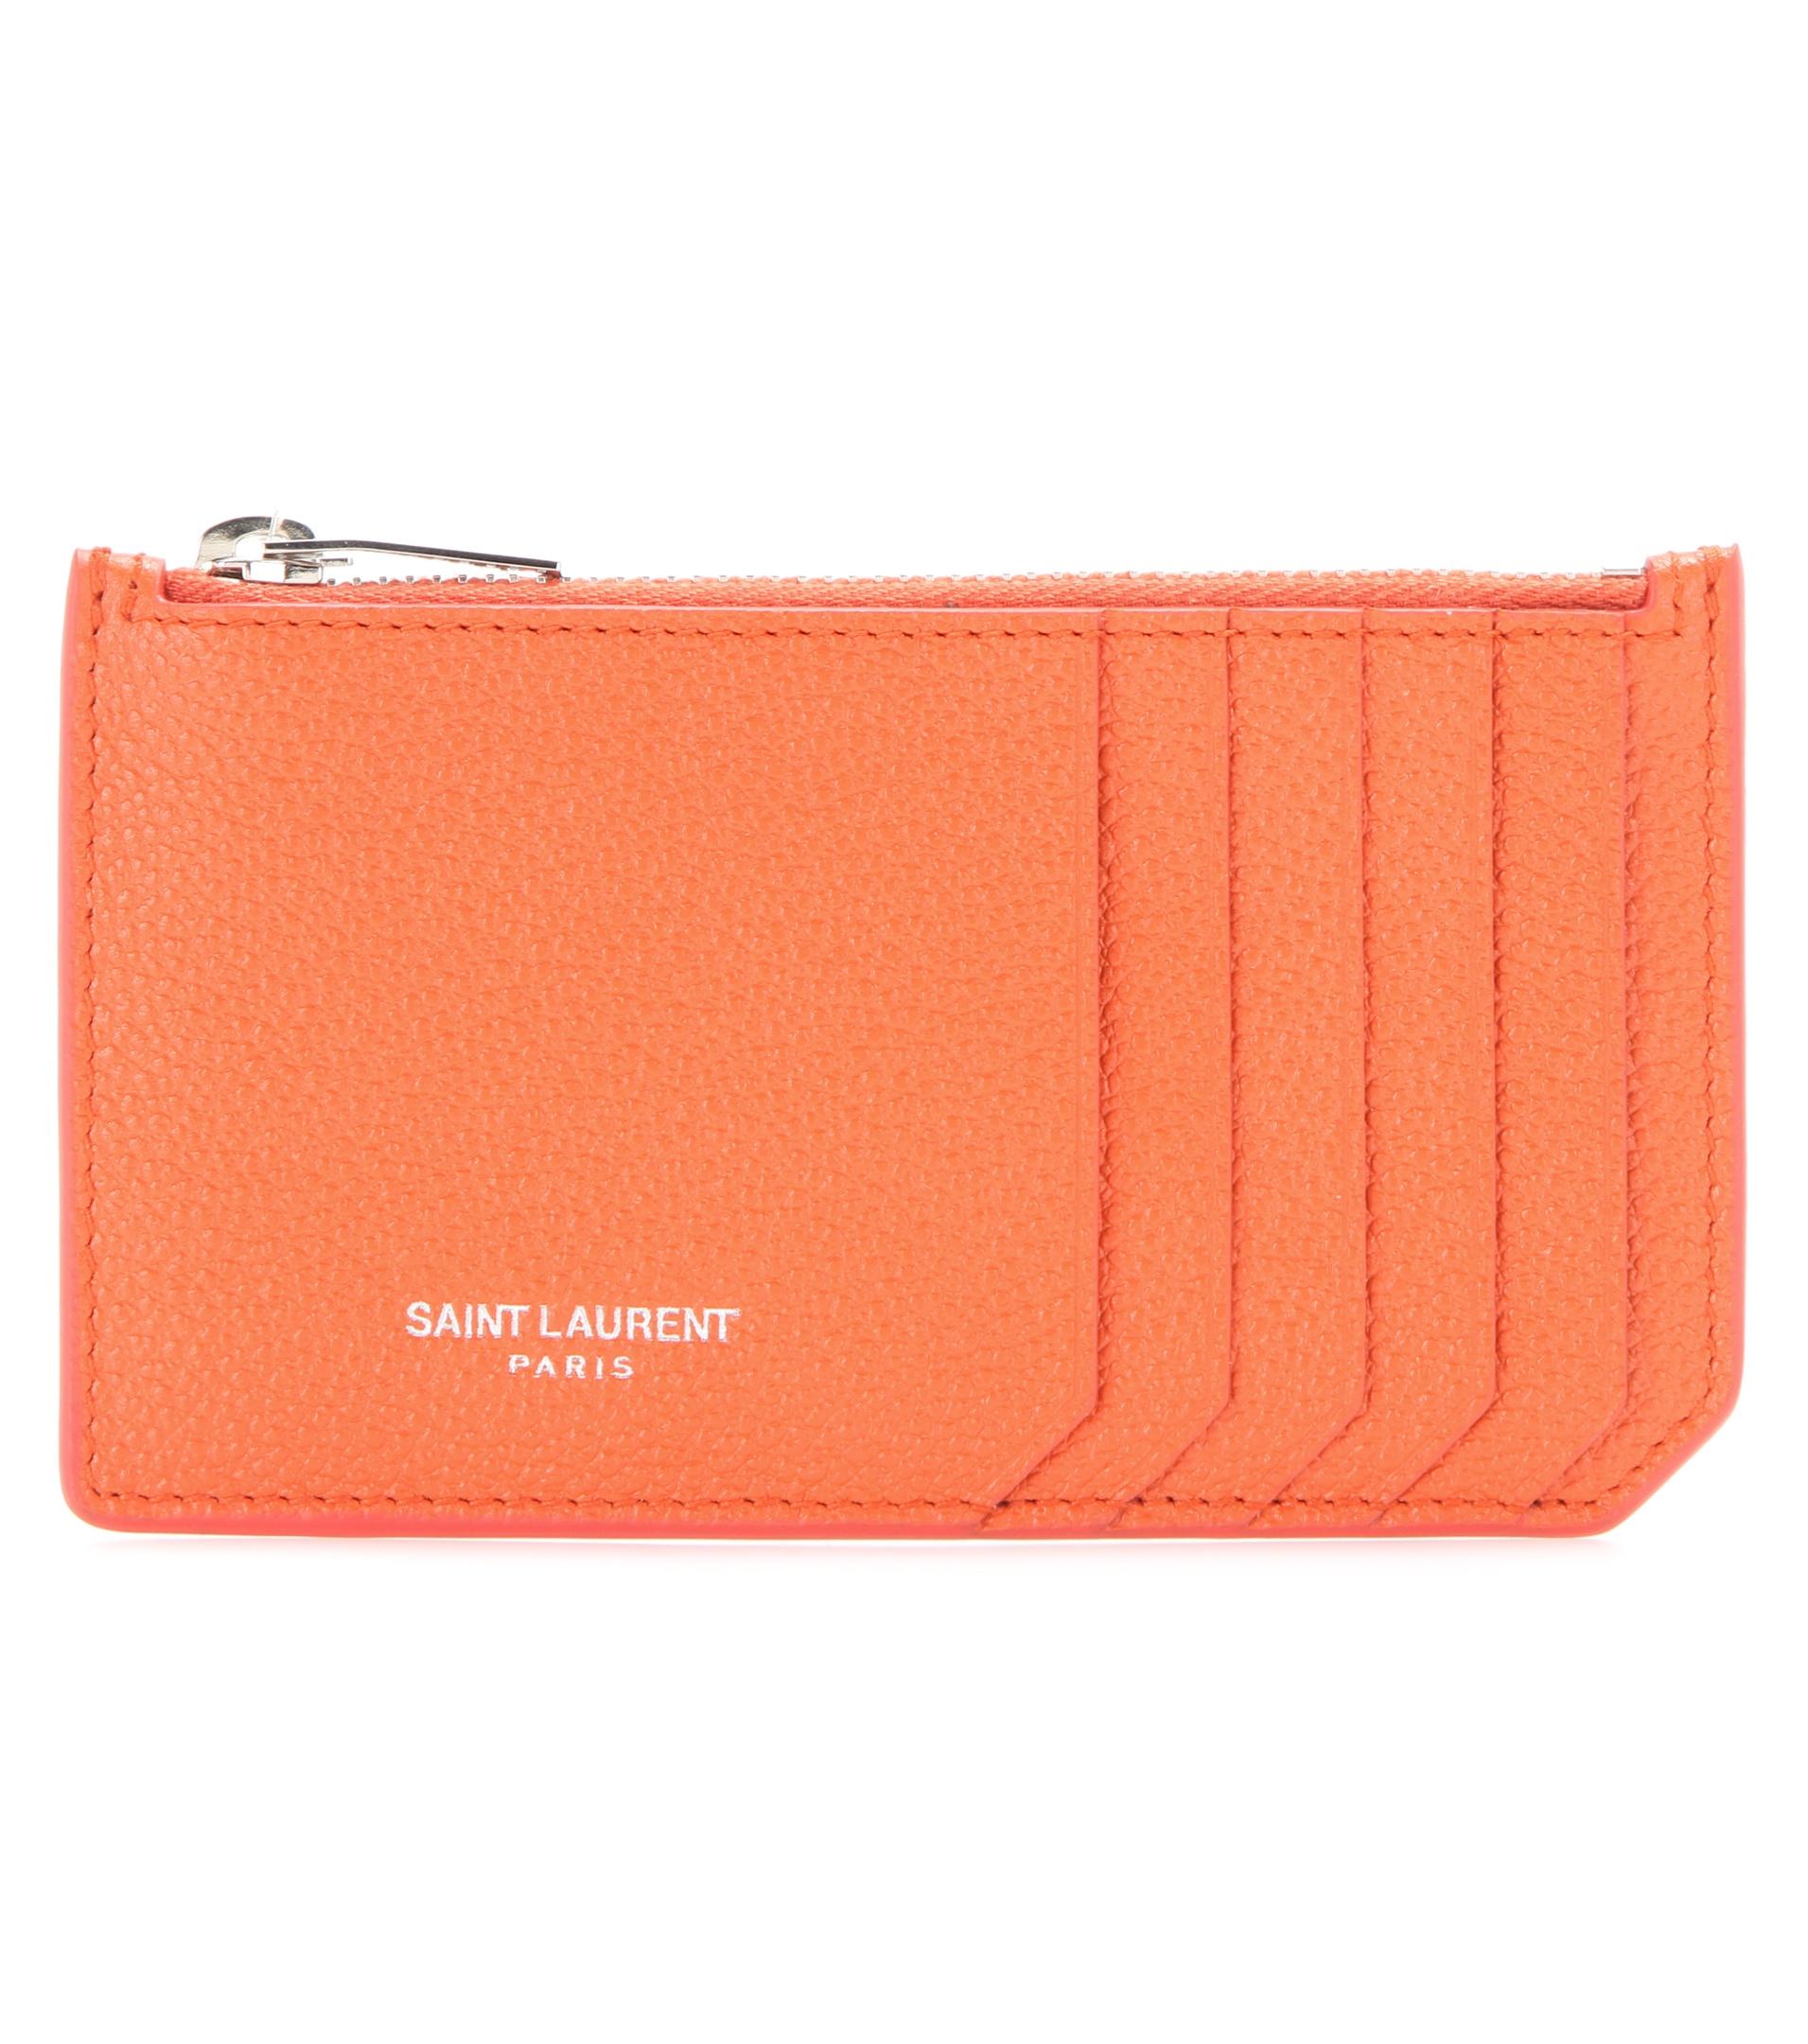 Saint laurent classic paris leather card holder in orange for Paris orange card